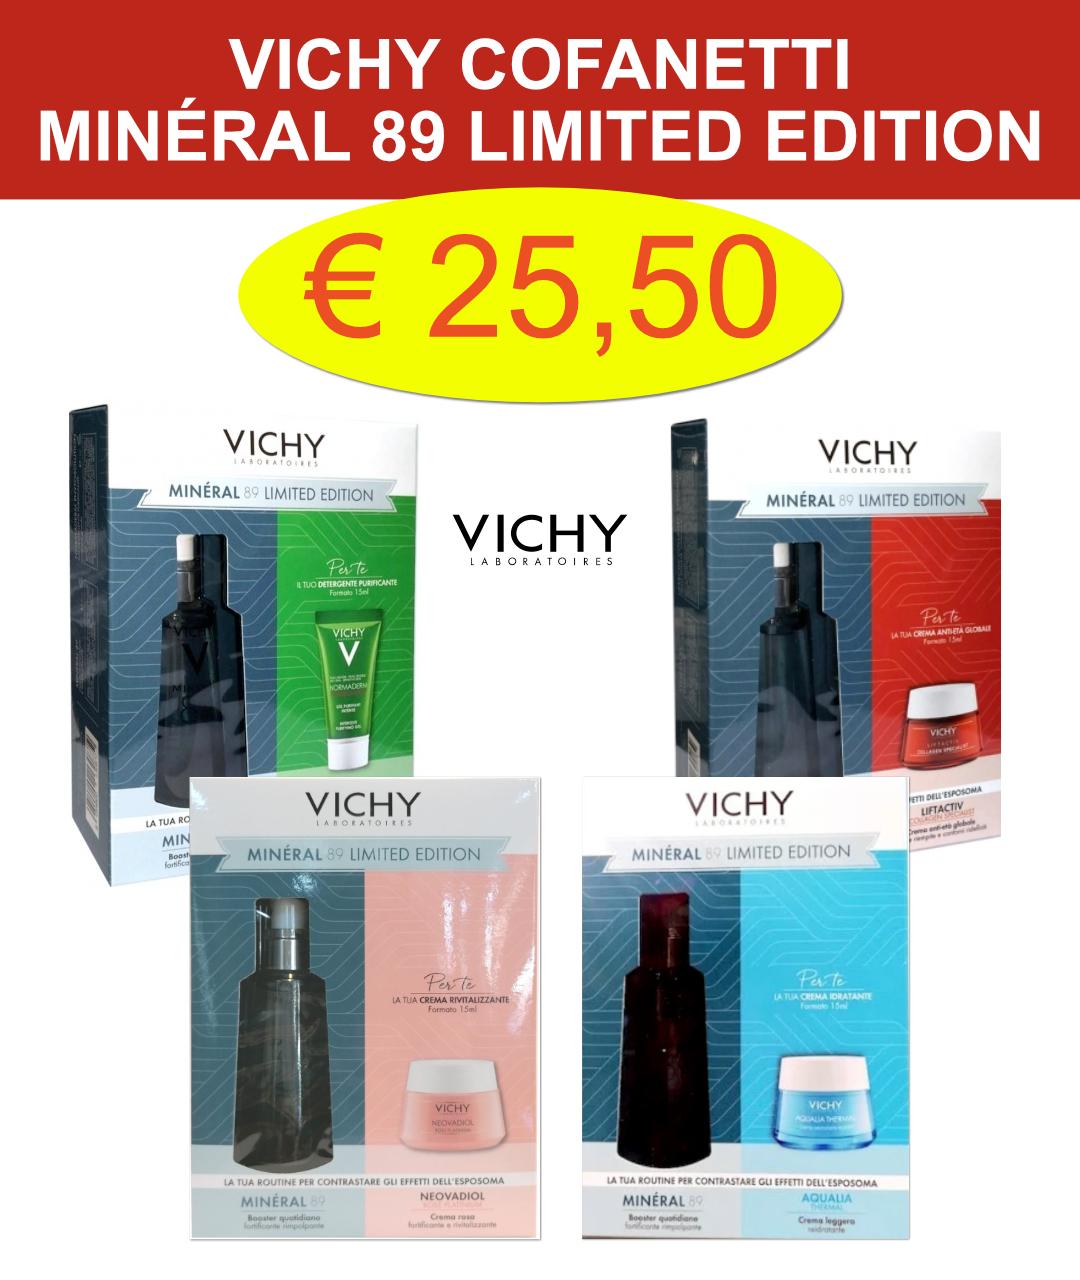 Vichy-cofanetti